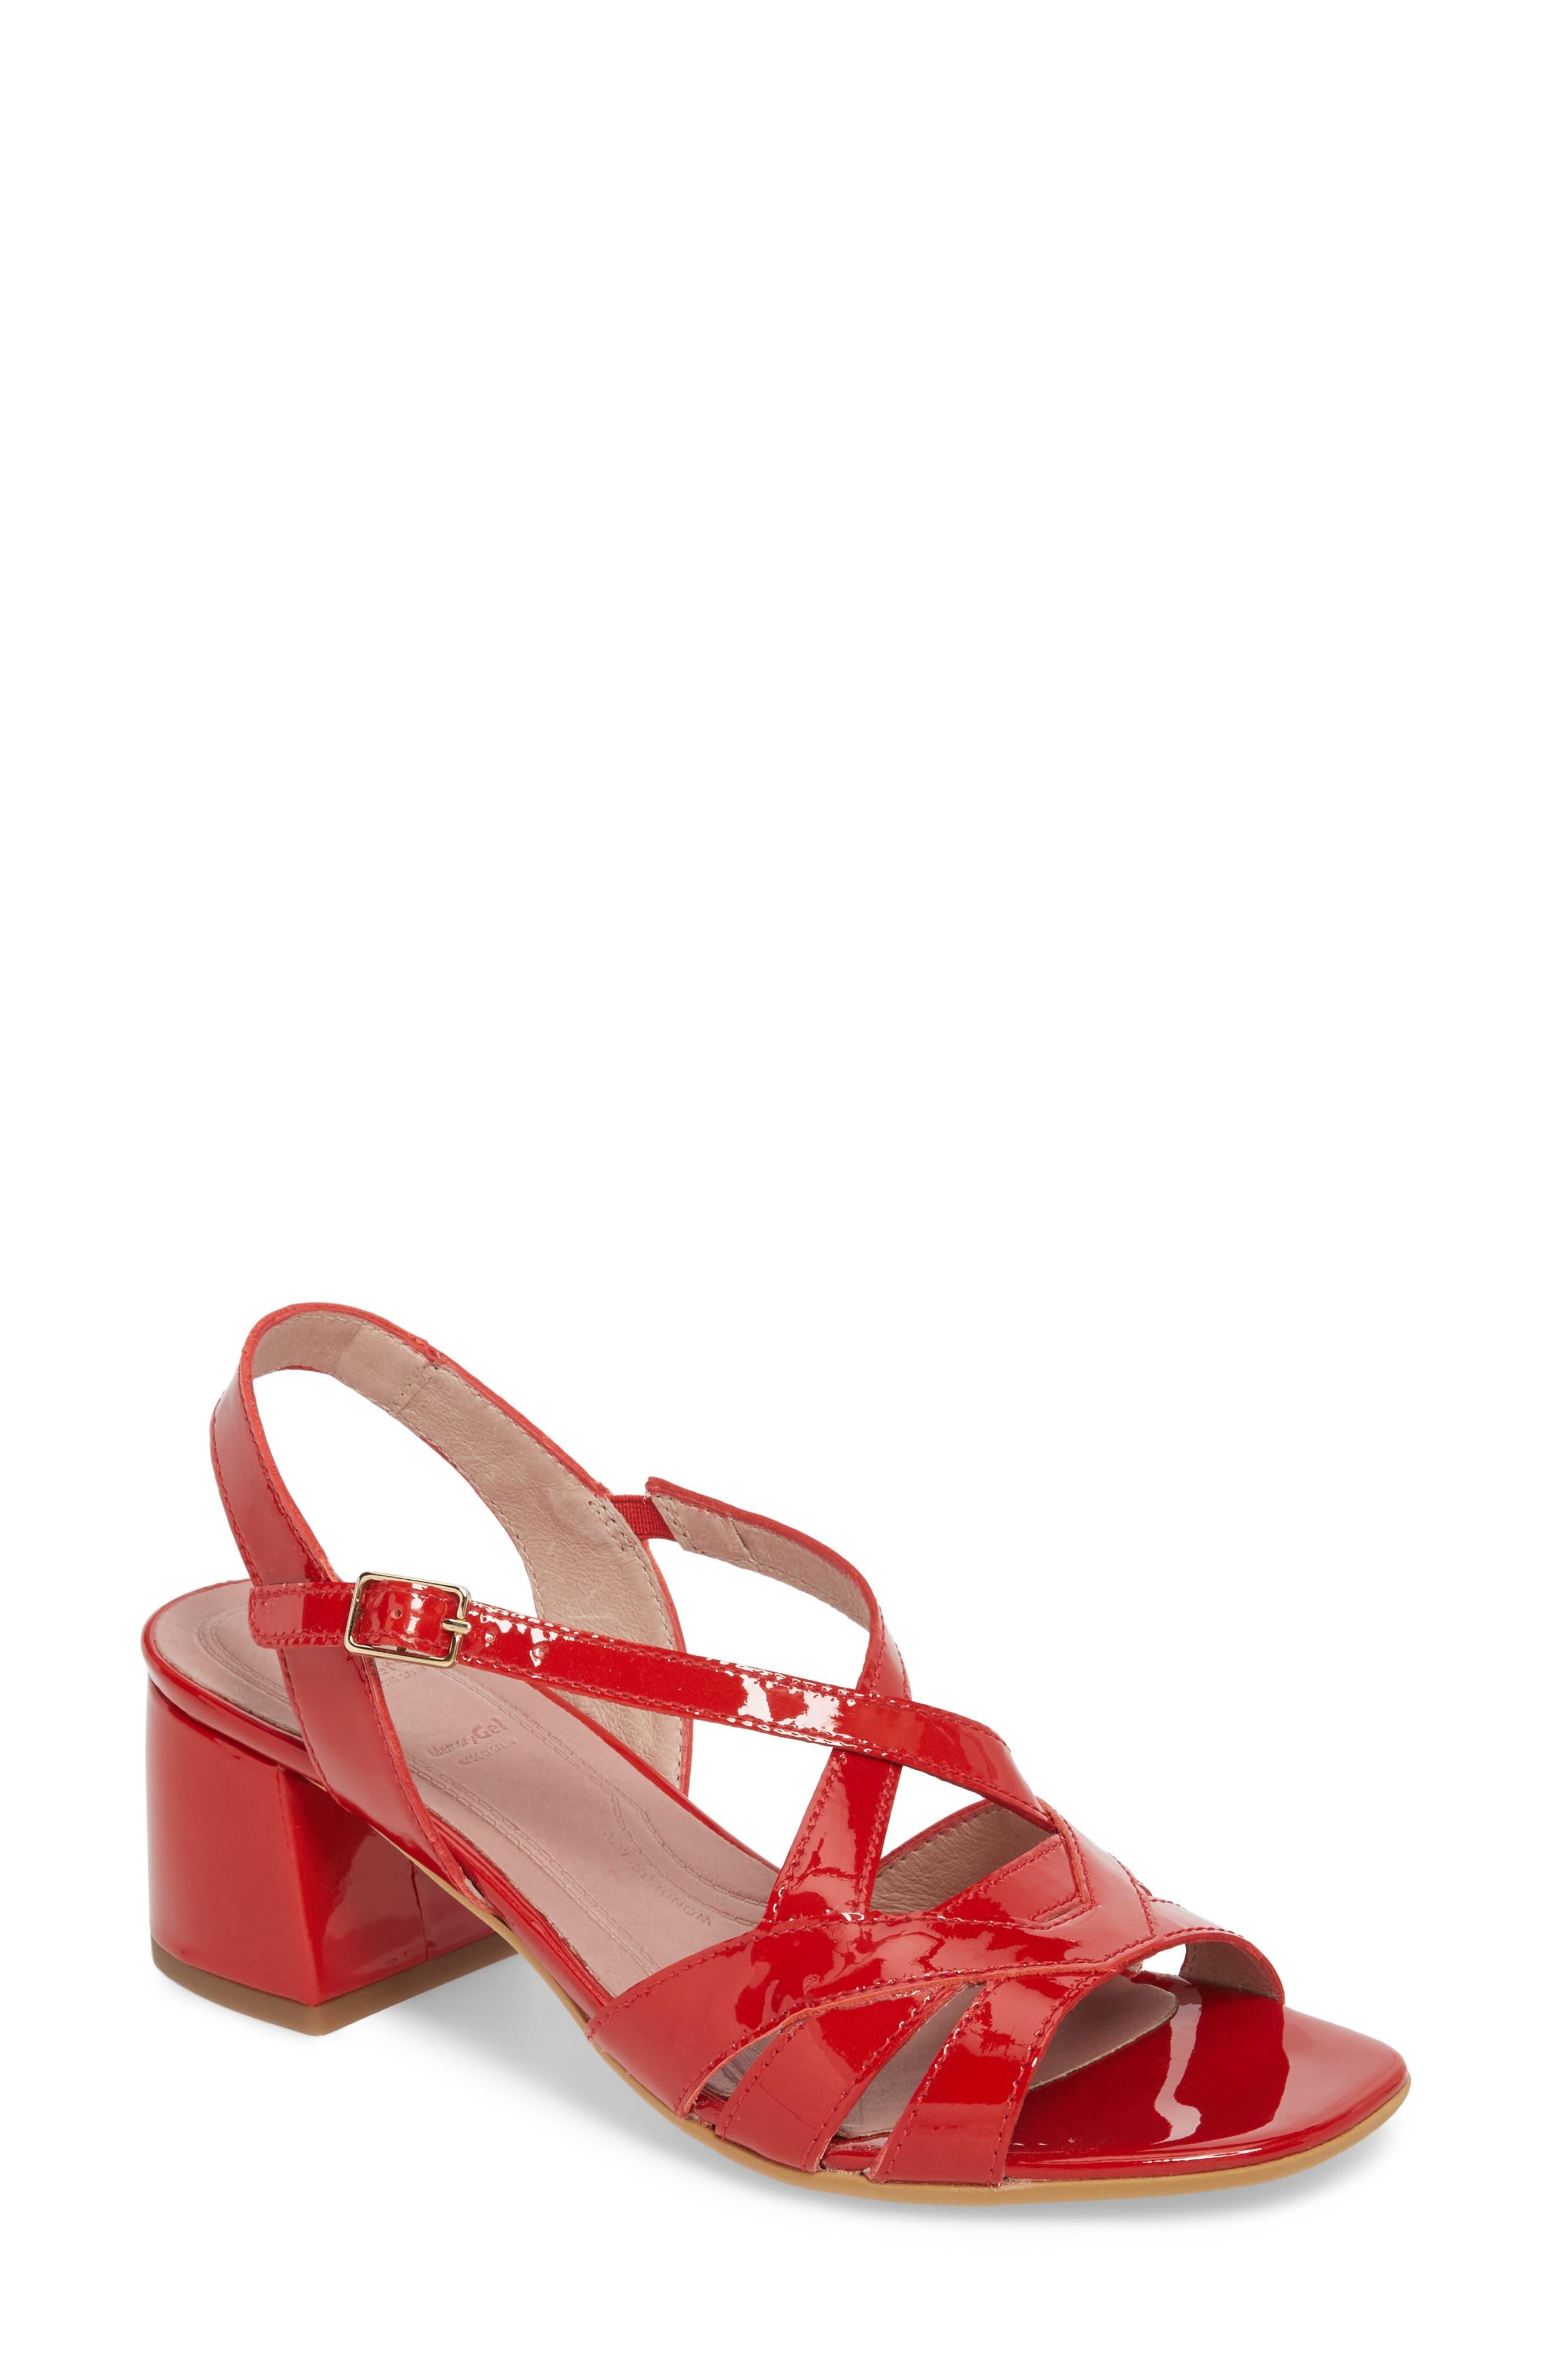 Wonders Block Heel Sandal, Red